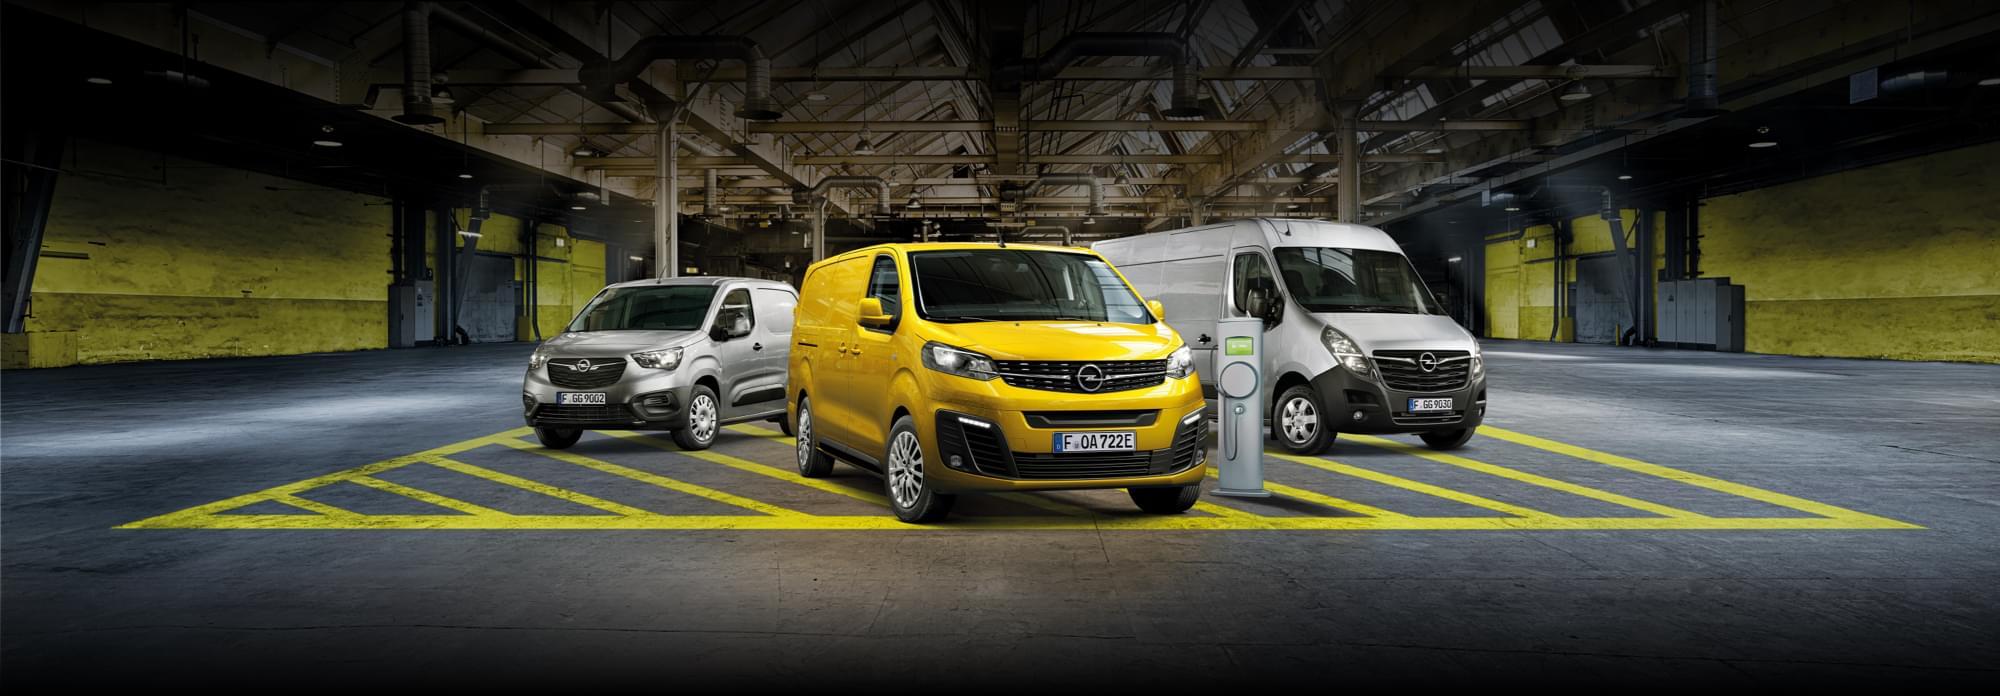 De Nieuwe Opel Bedrijfswagens